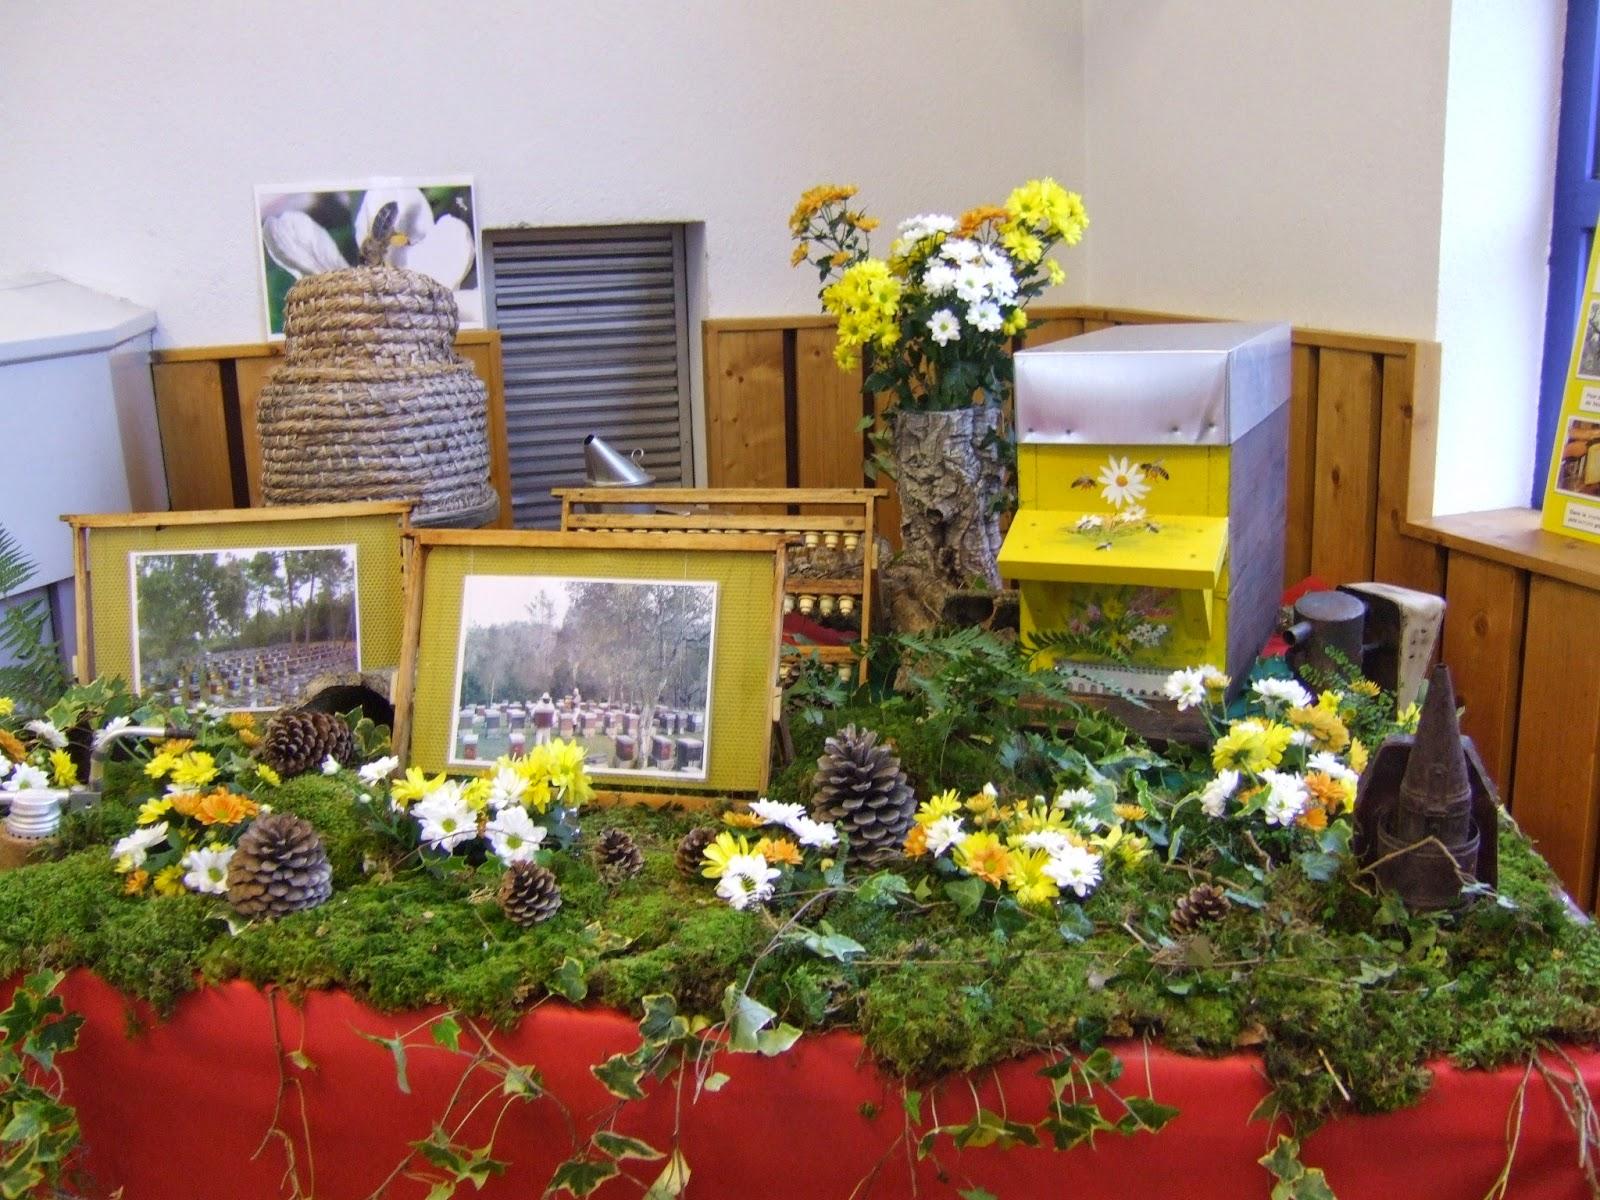 Amoma de haute savoie l 39 apiculture l 39 honneur for Salon apiculture